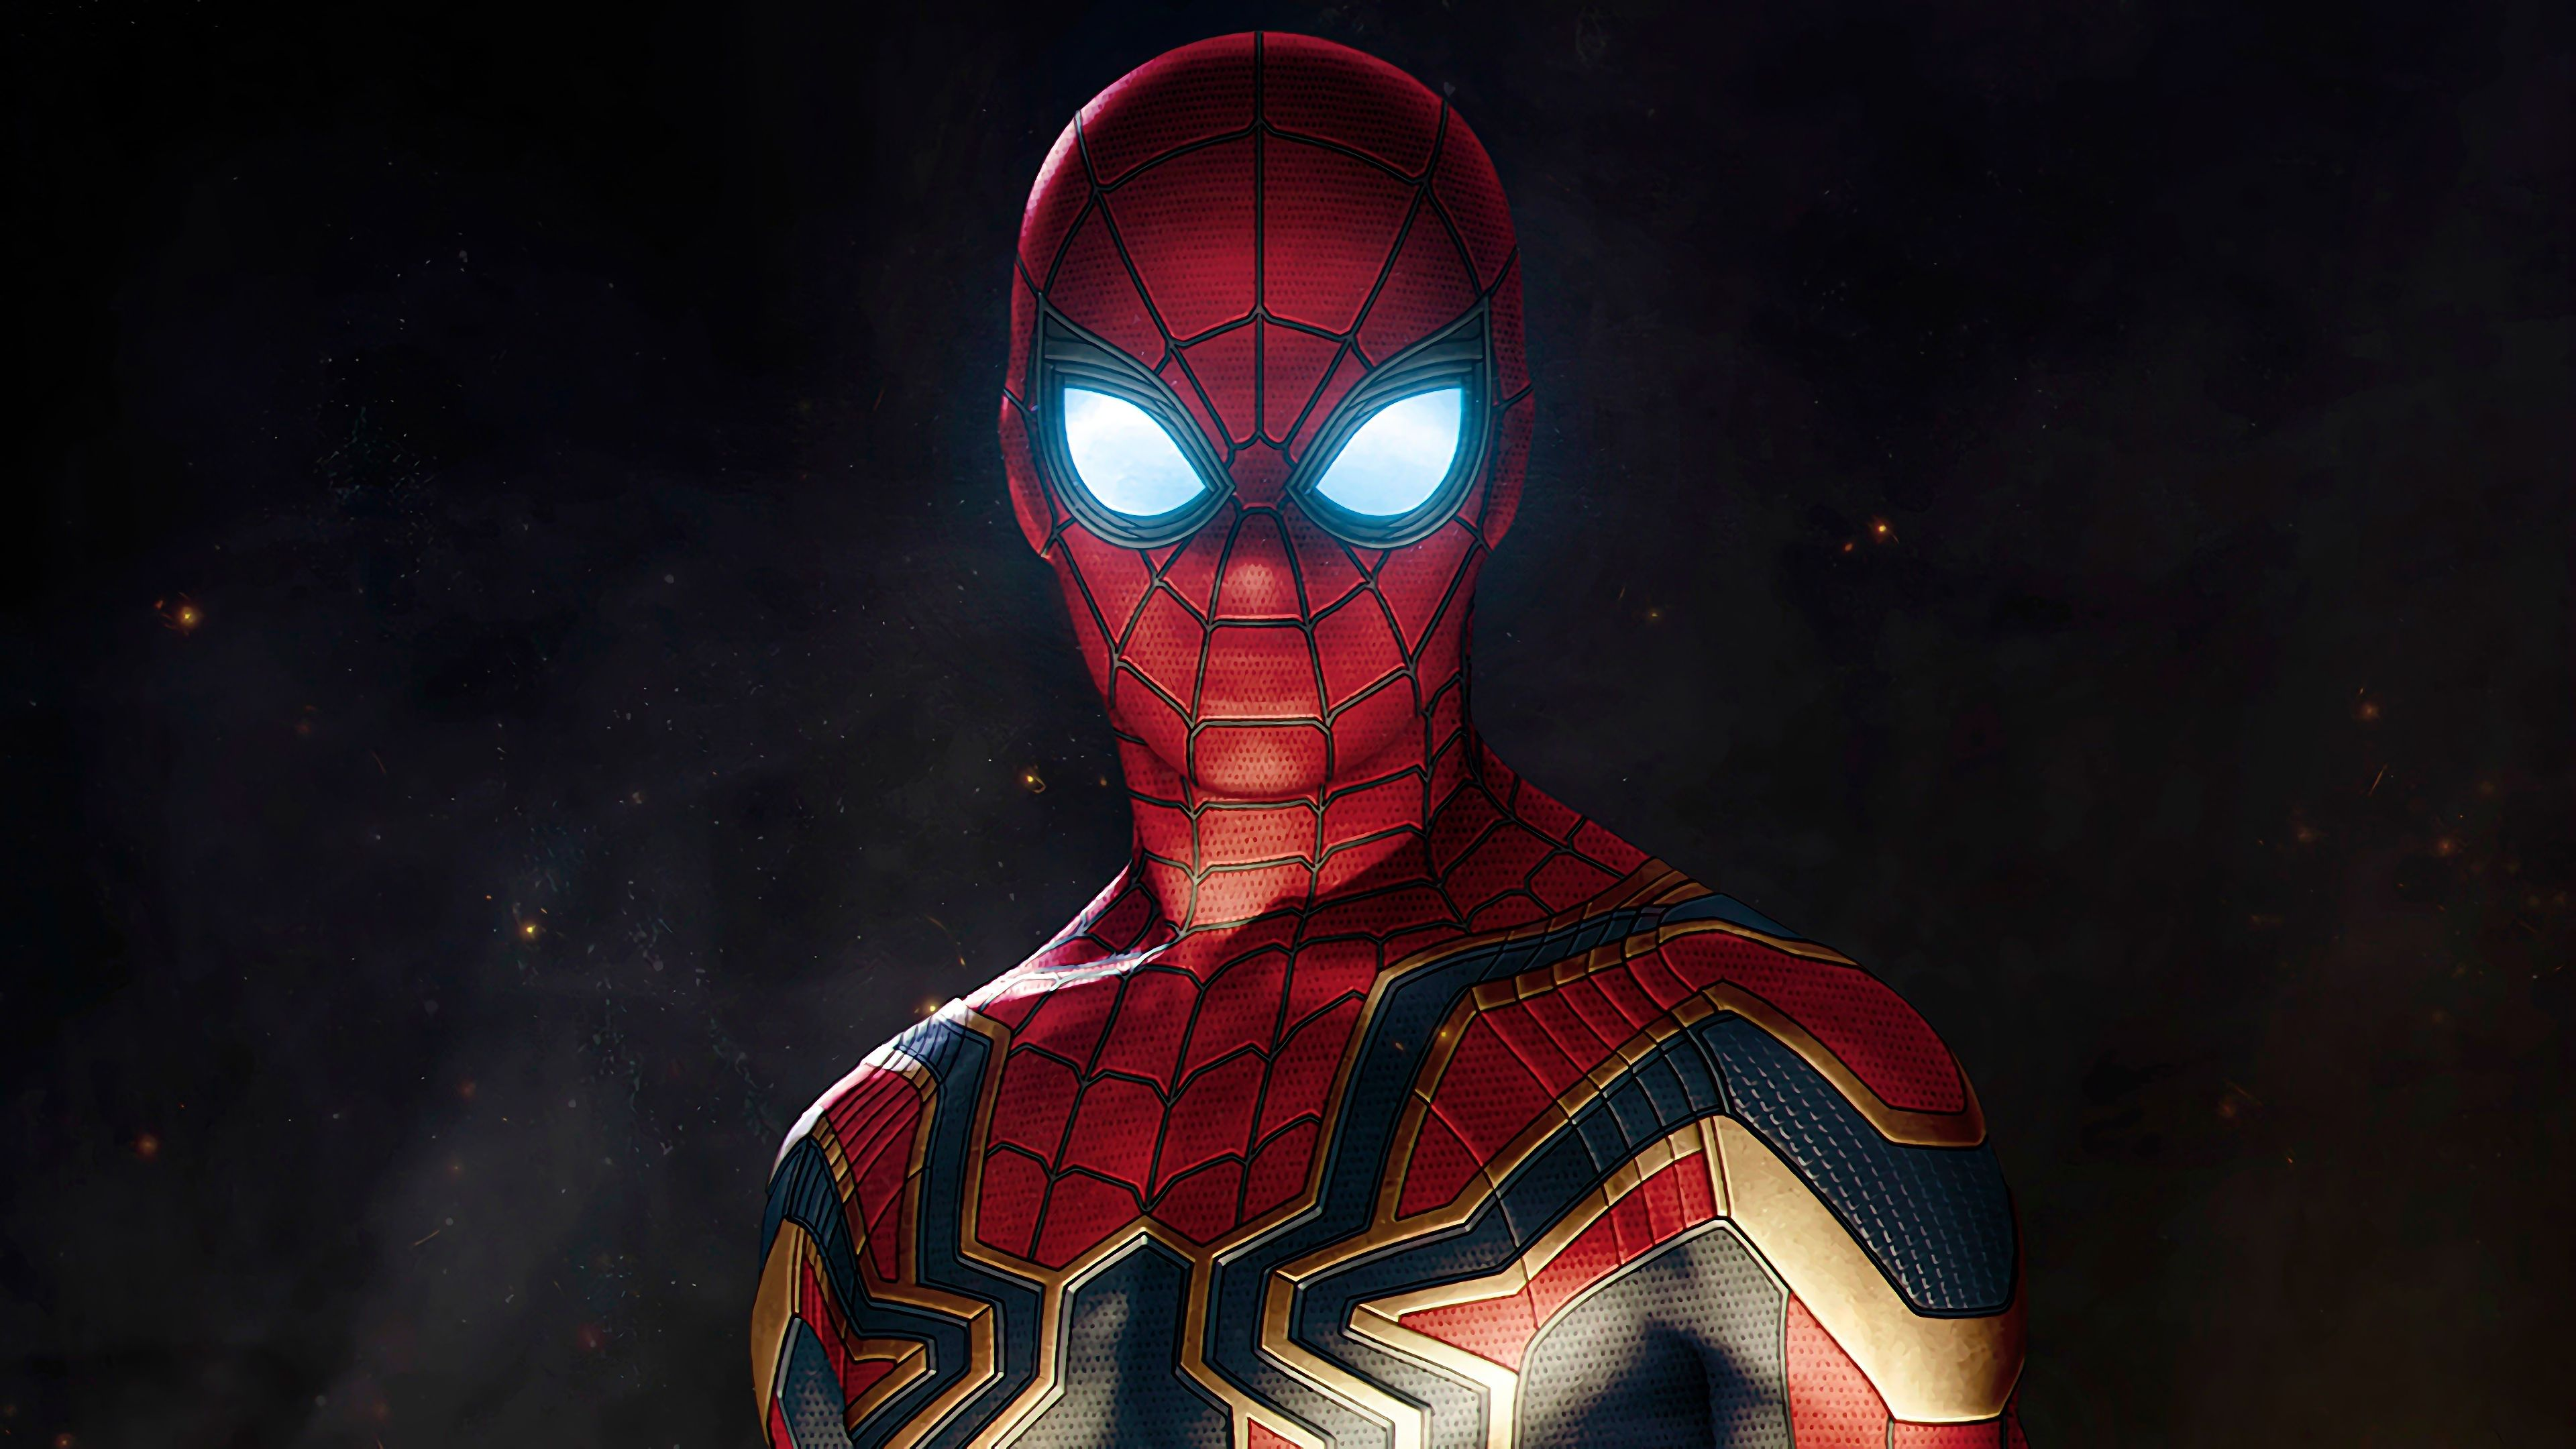 Ảnh Spider Man chất lượng cao